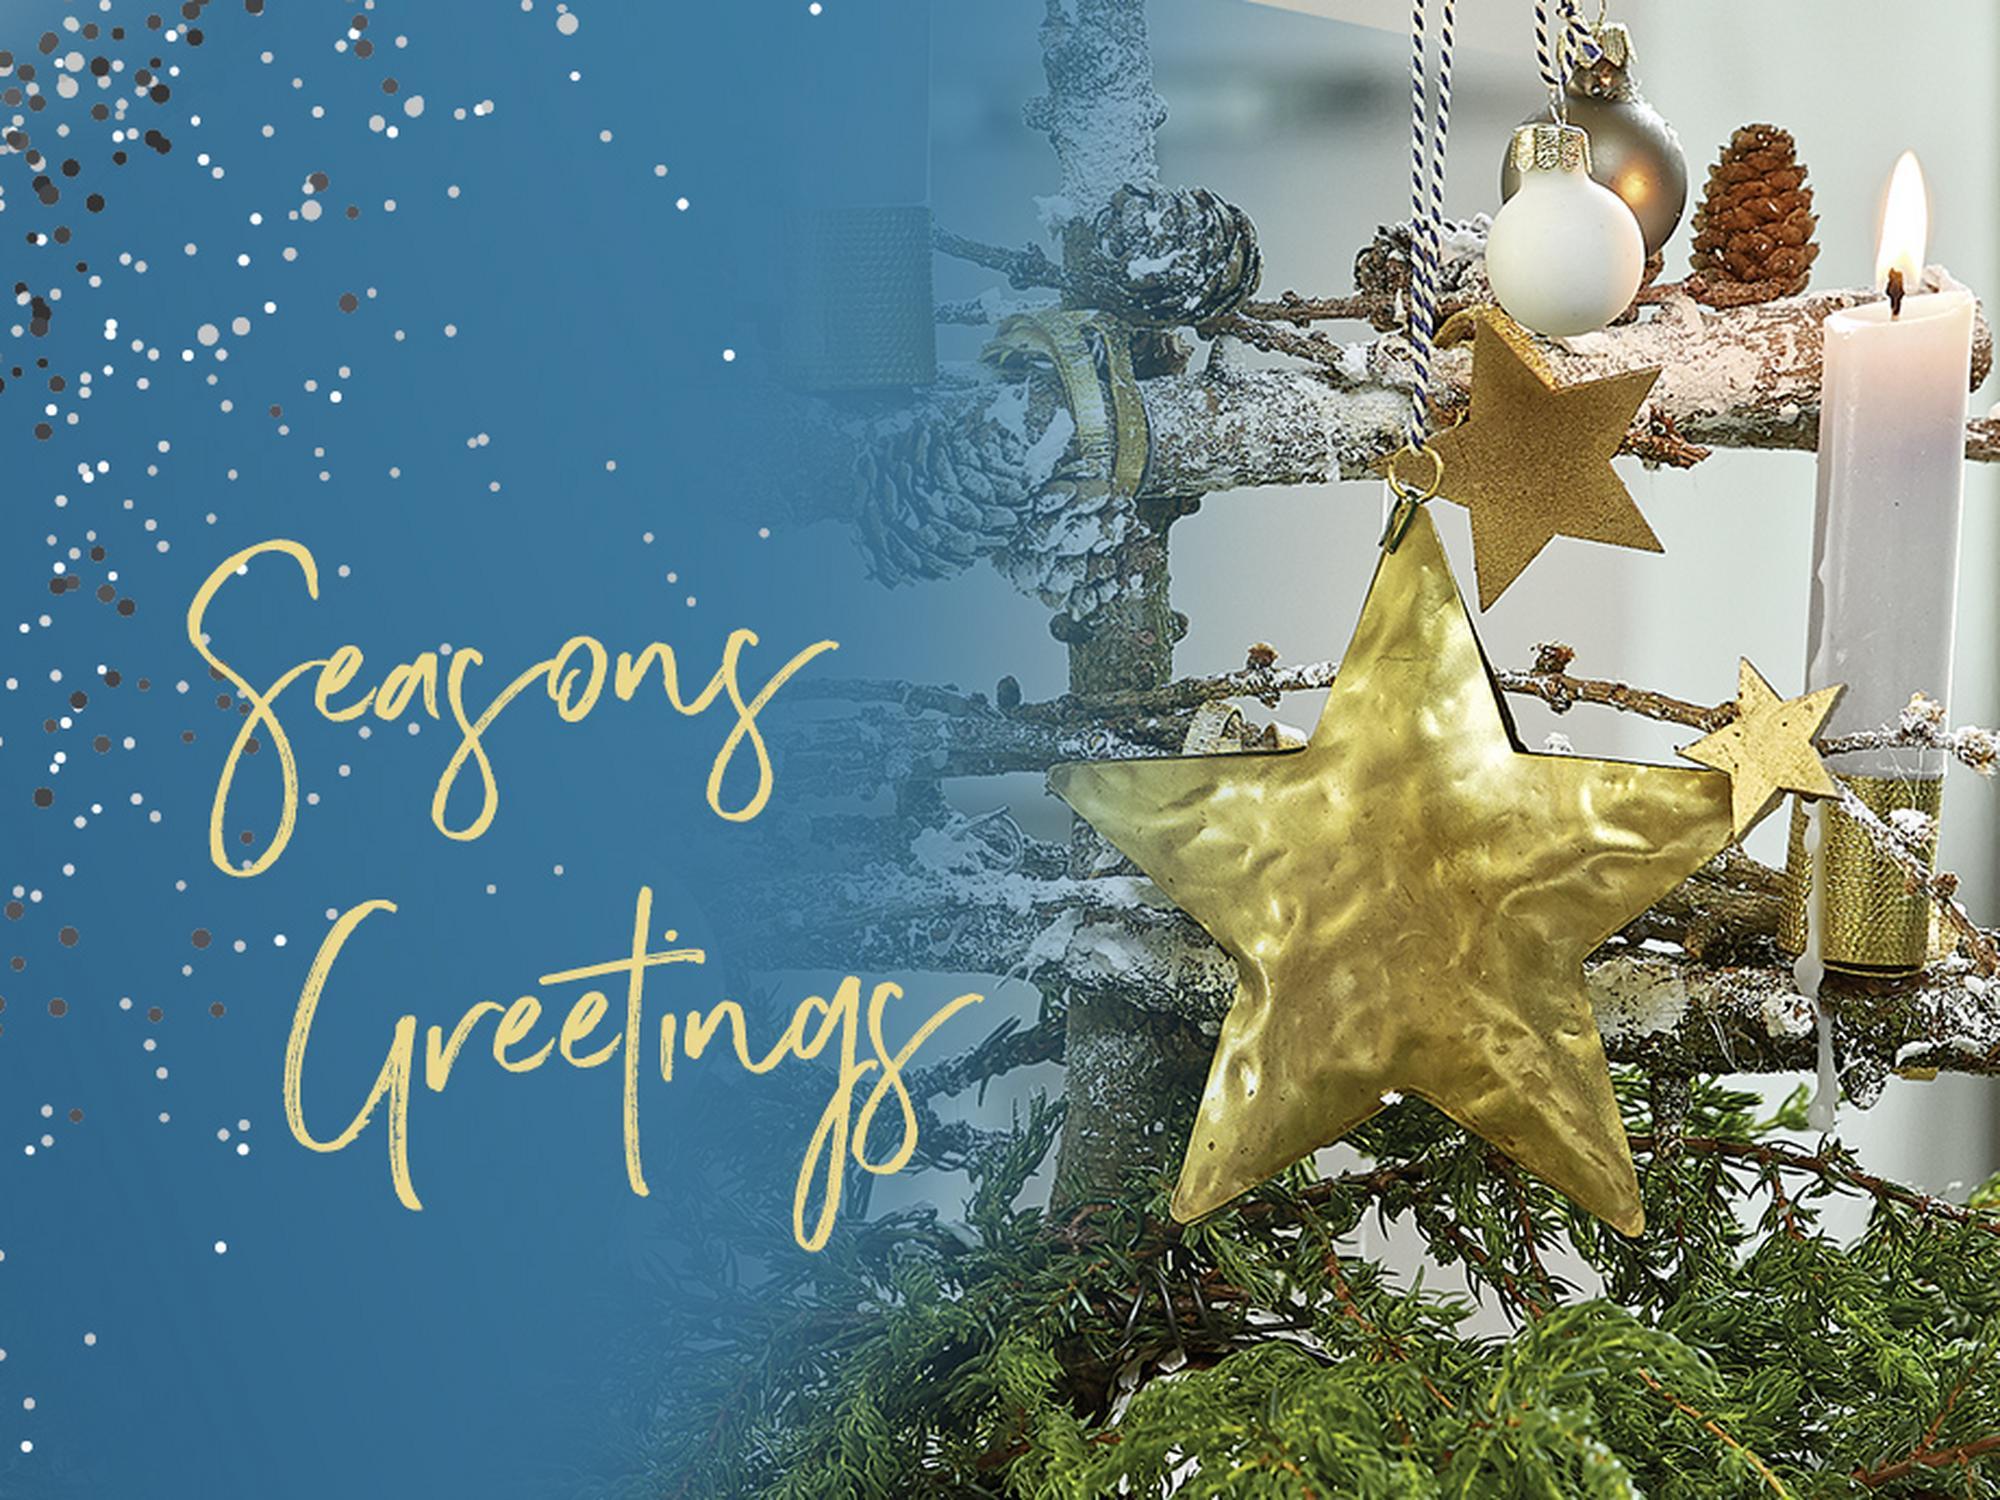 hero_banner_tw_seasons-greetings_xs_ru